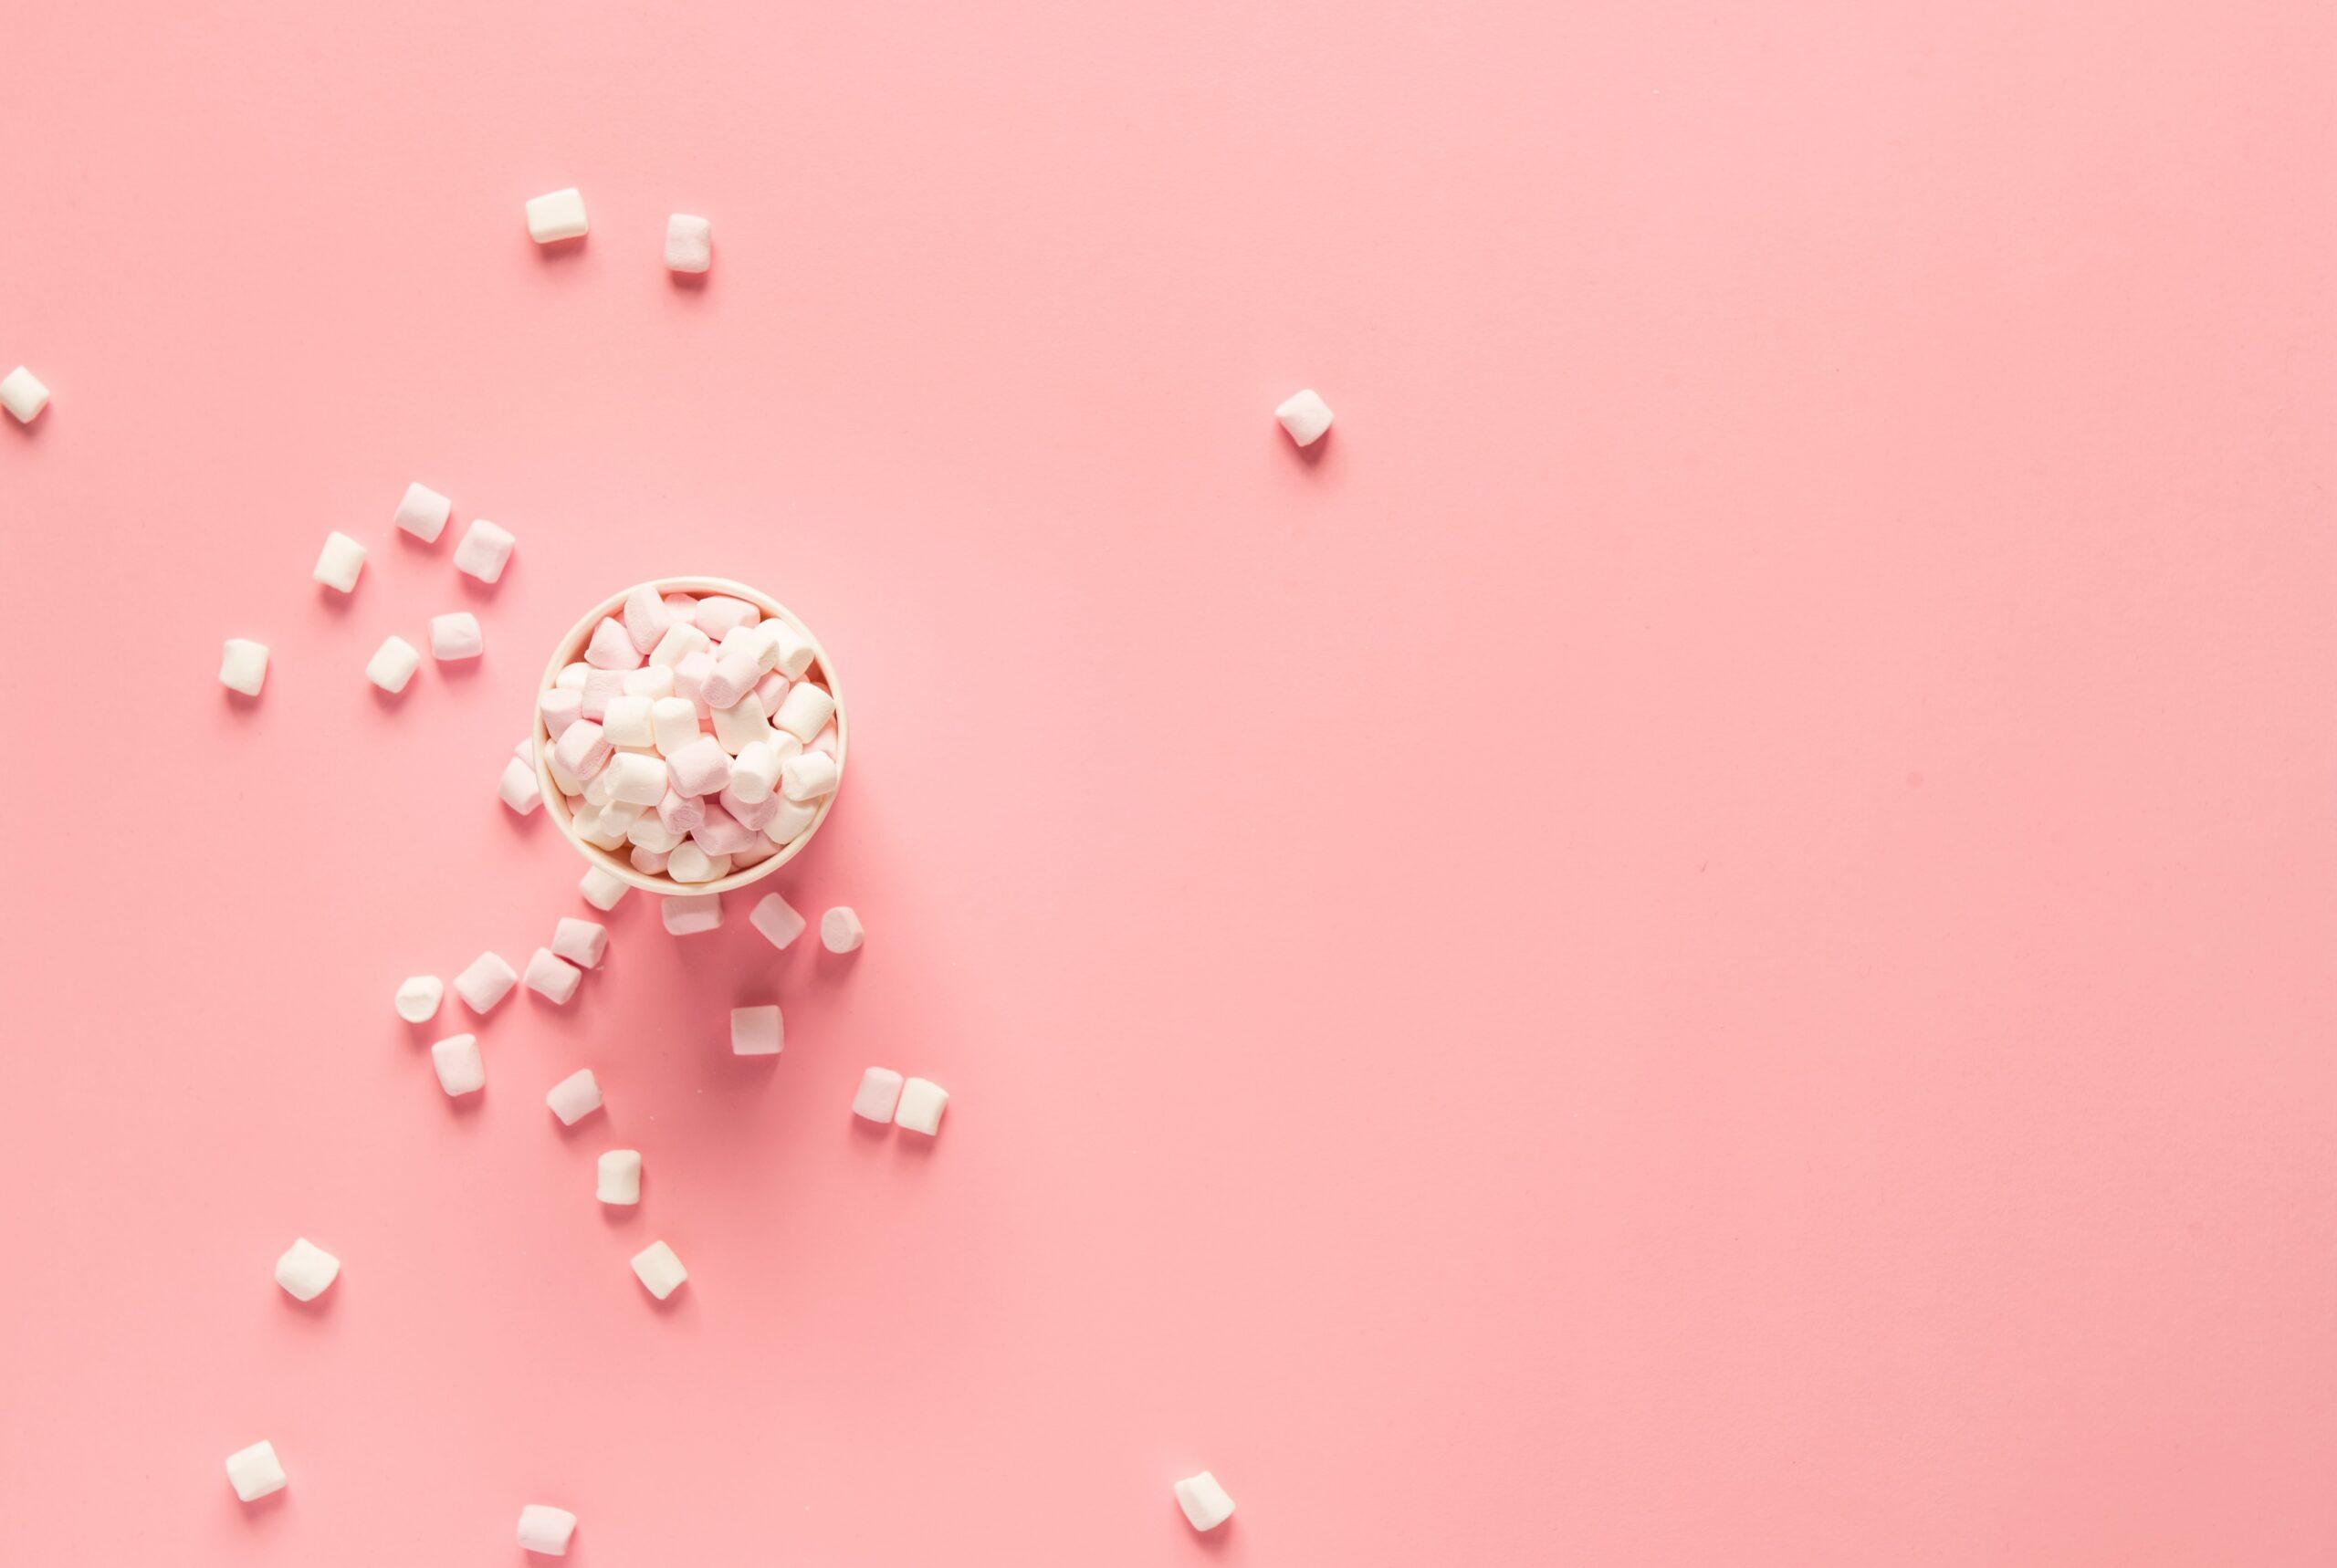 Weiße Marshmallows, die Titandioxid enthalten können